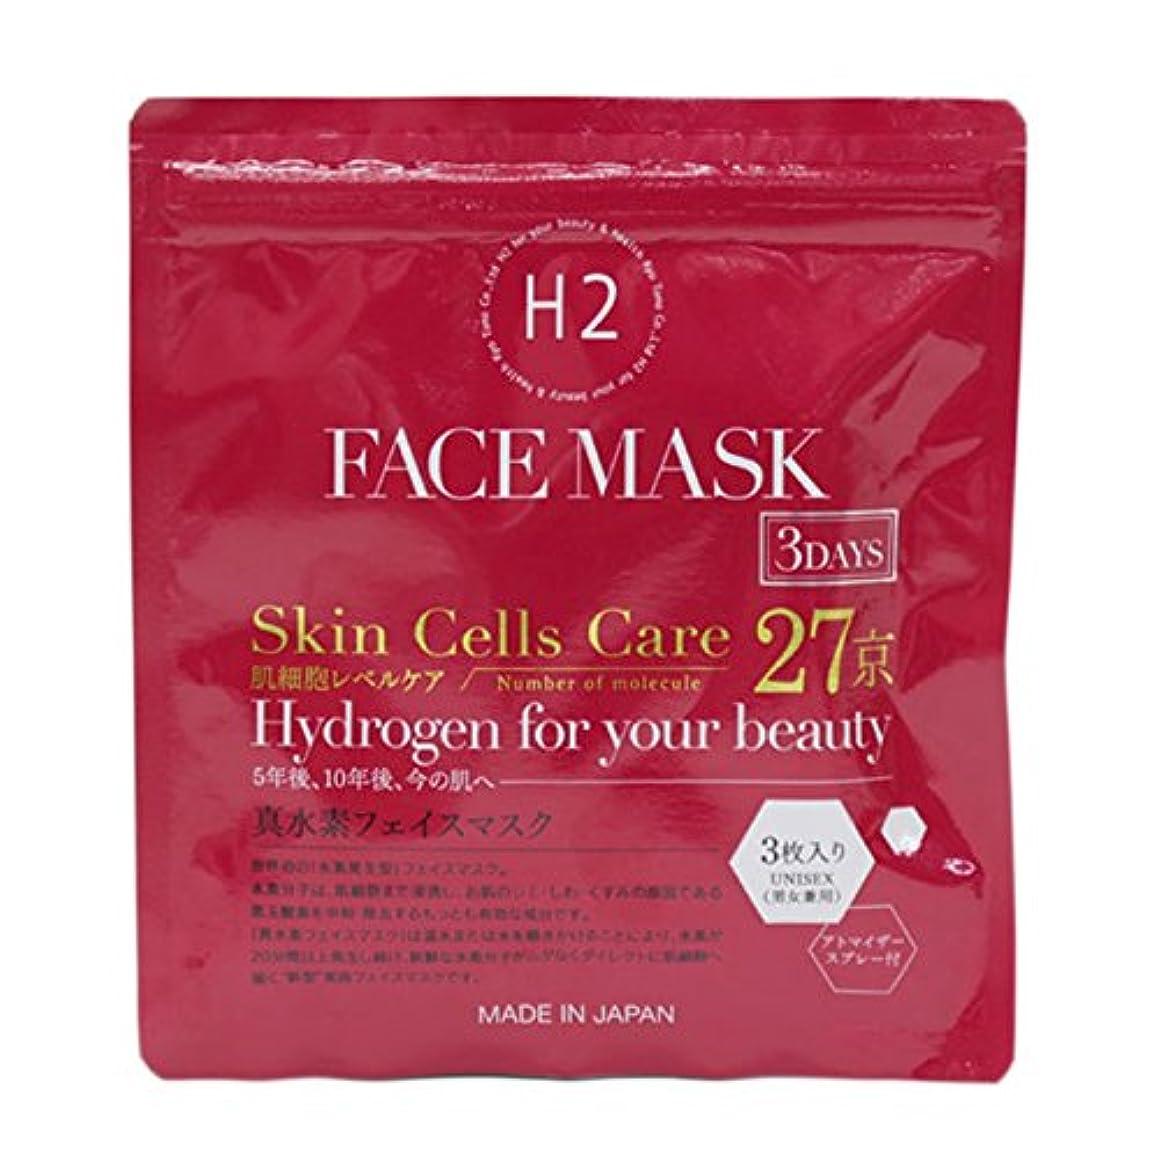 スラム使用法バルーンKyotomo 真水素フェイスマスク 3枚